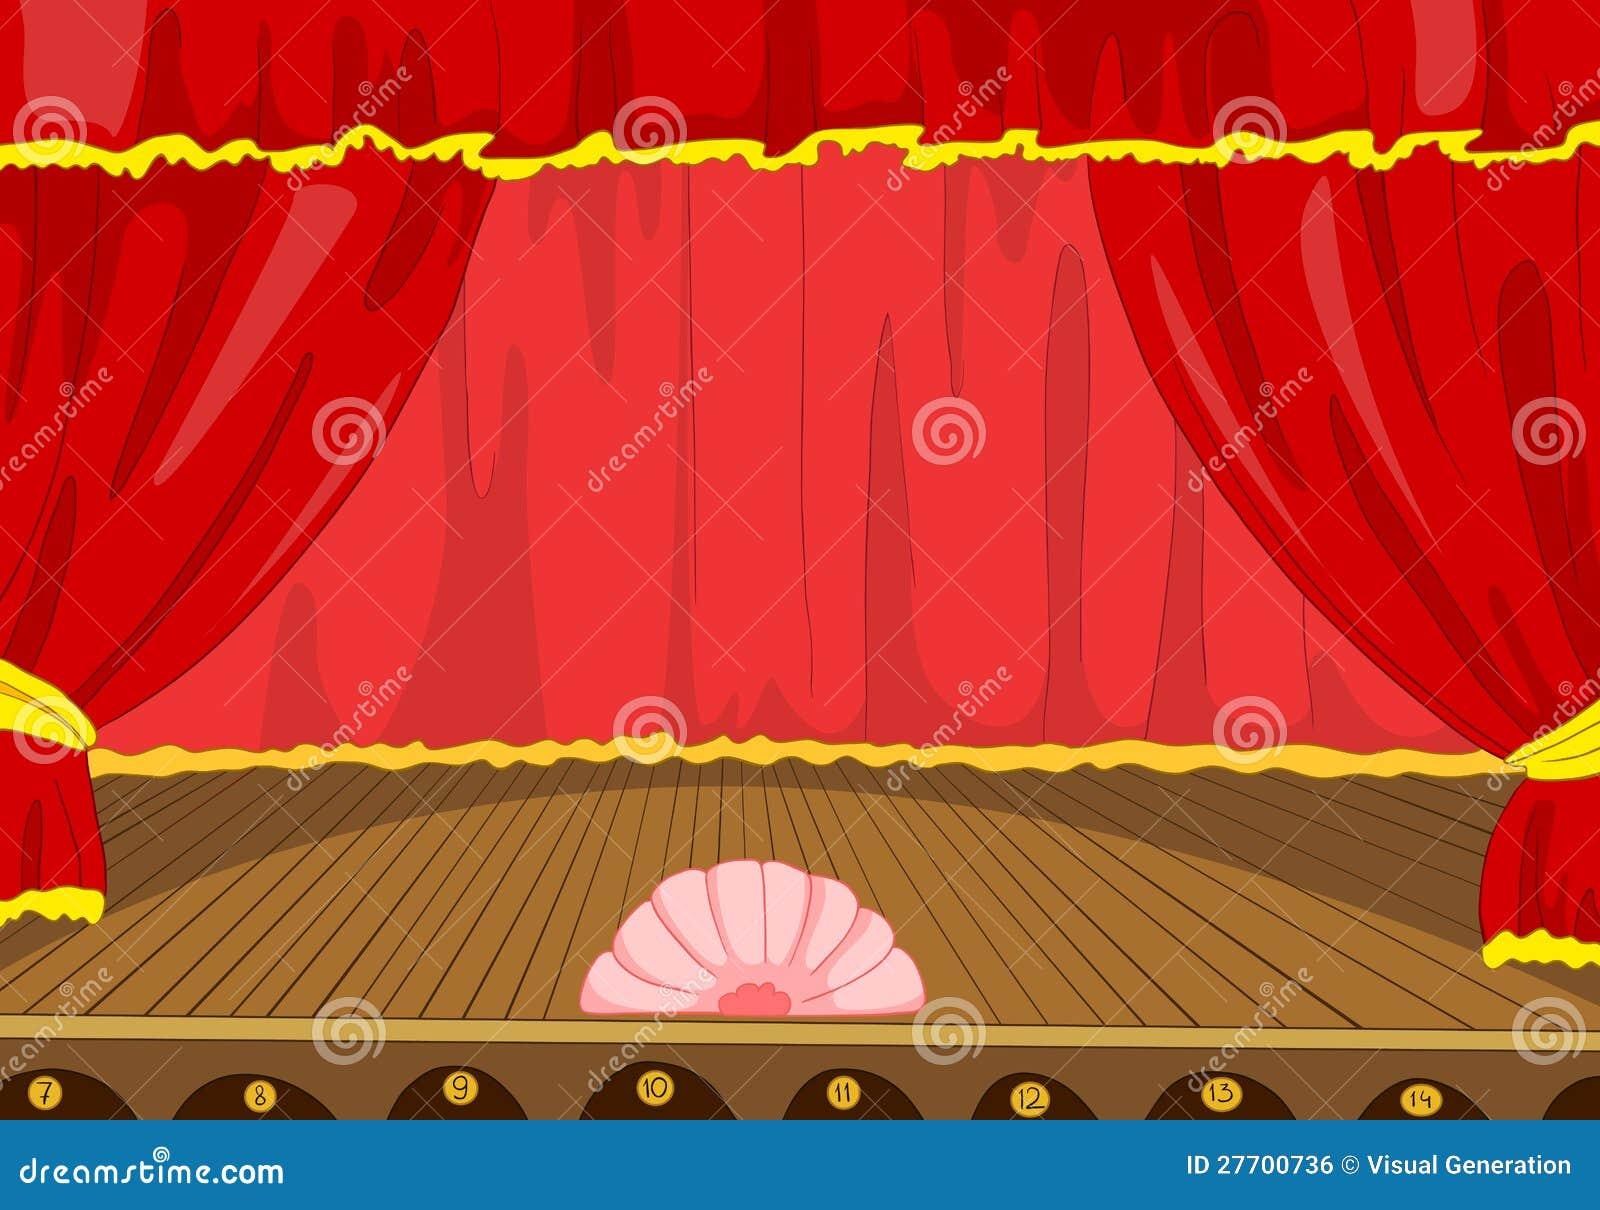 Dessin anim d 39 tape de th tre illustration de vecteur - Dessin de theatre ...